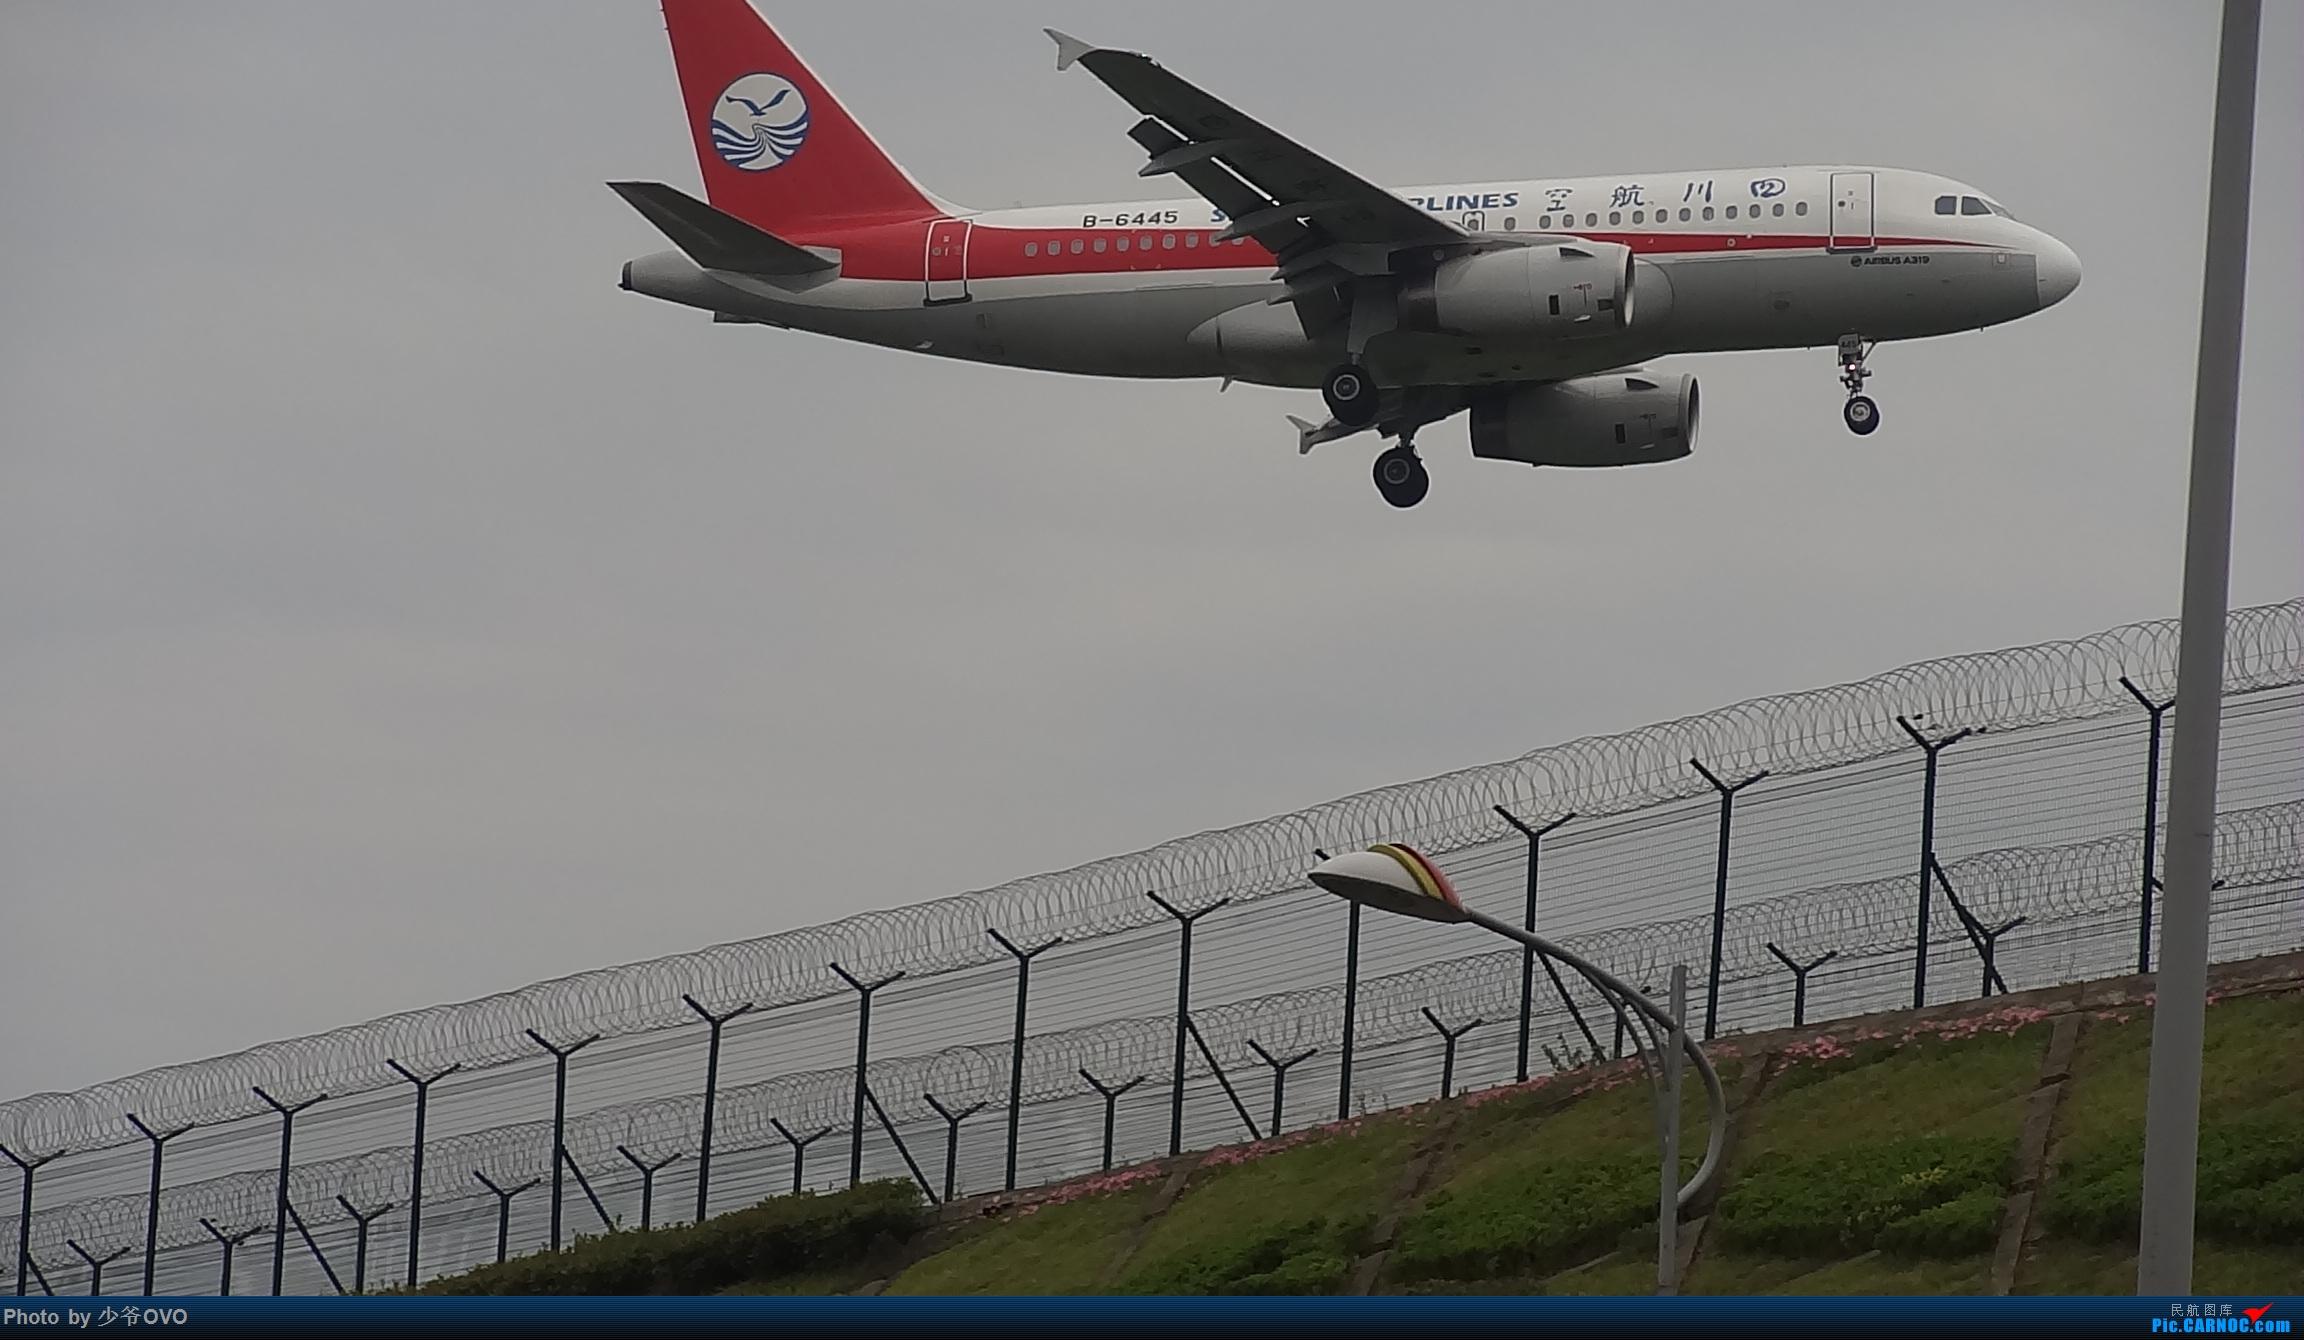 Re:[原创]CKG拍机,数码机最后的倔强 AIRBUS A319-100 B-6445 中国重庆江北国际机场